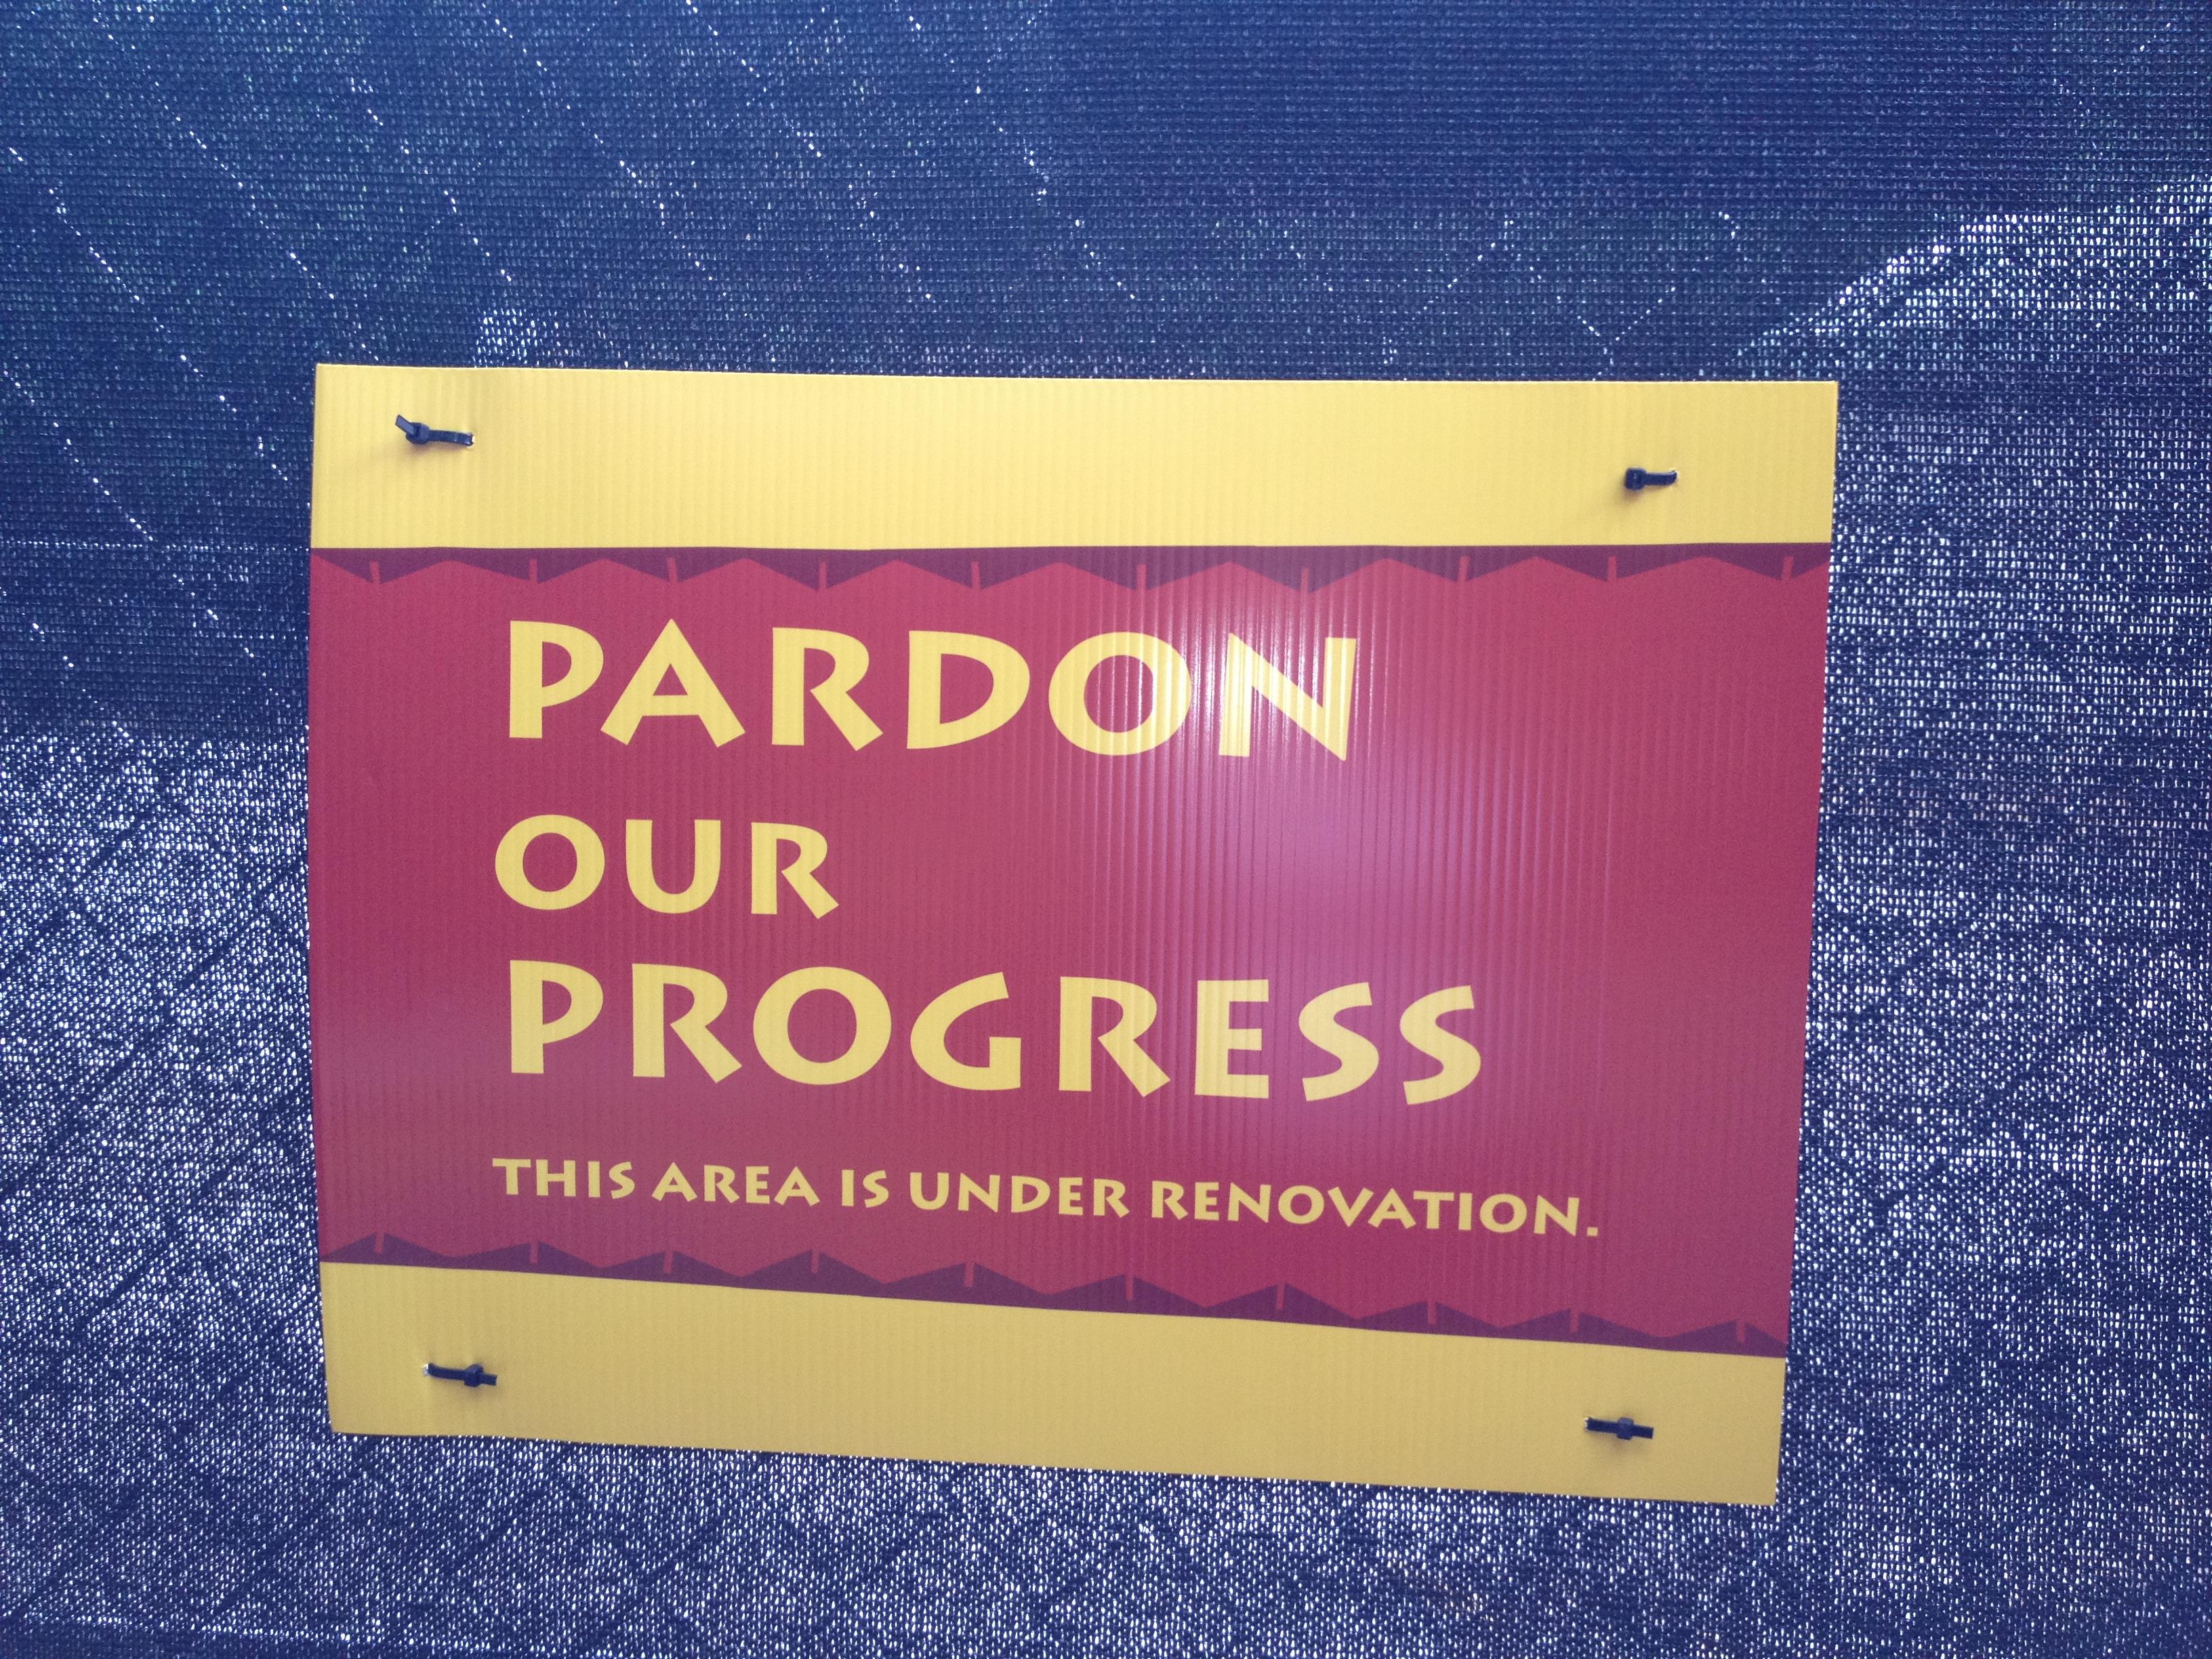 PardonOurProgress